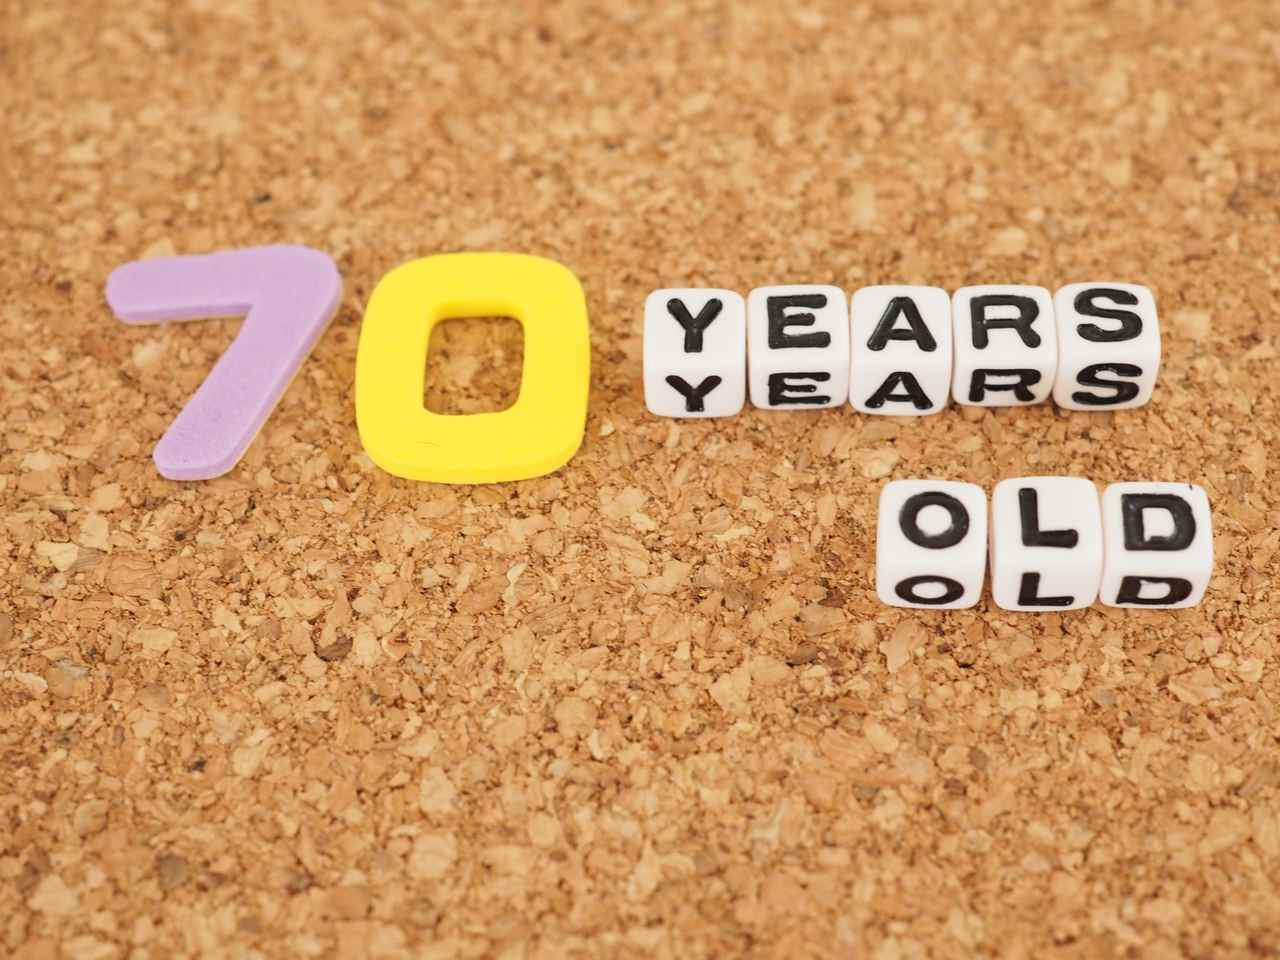 画像: 【古希】70歳のお祝い!紫色の名入れプレゼントがおすすめ